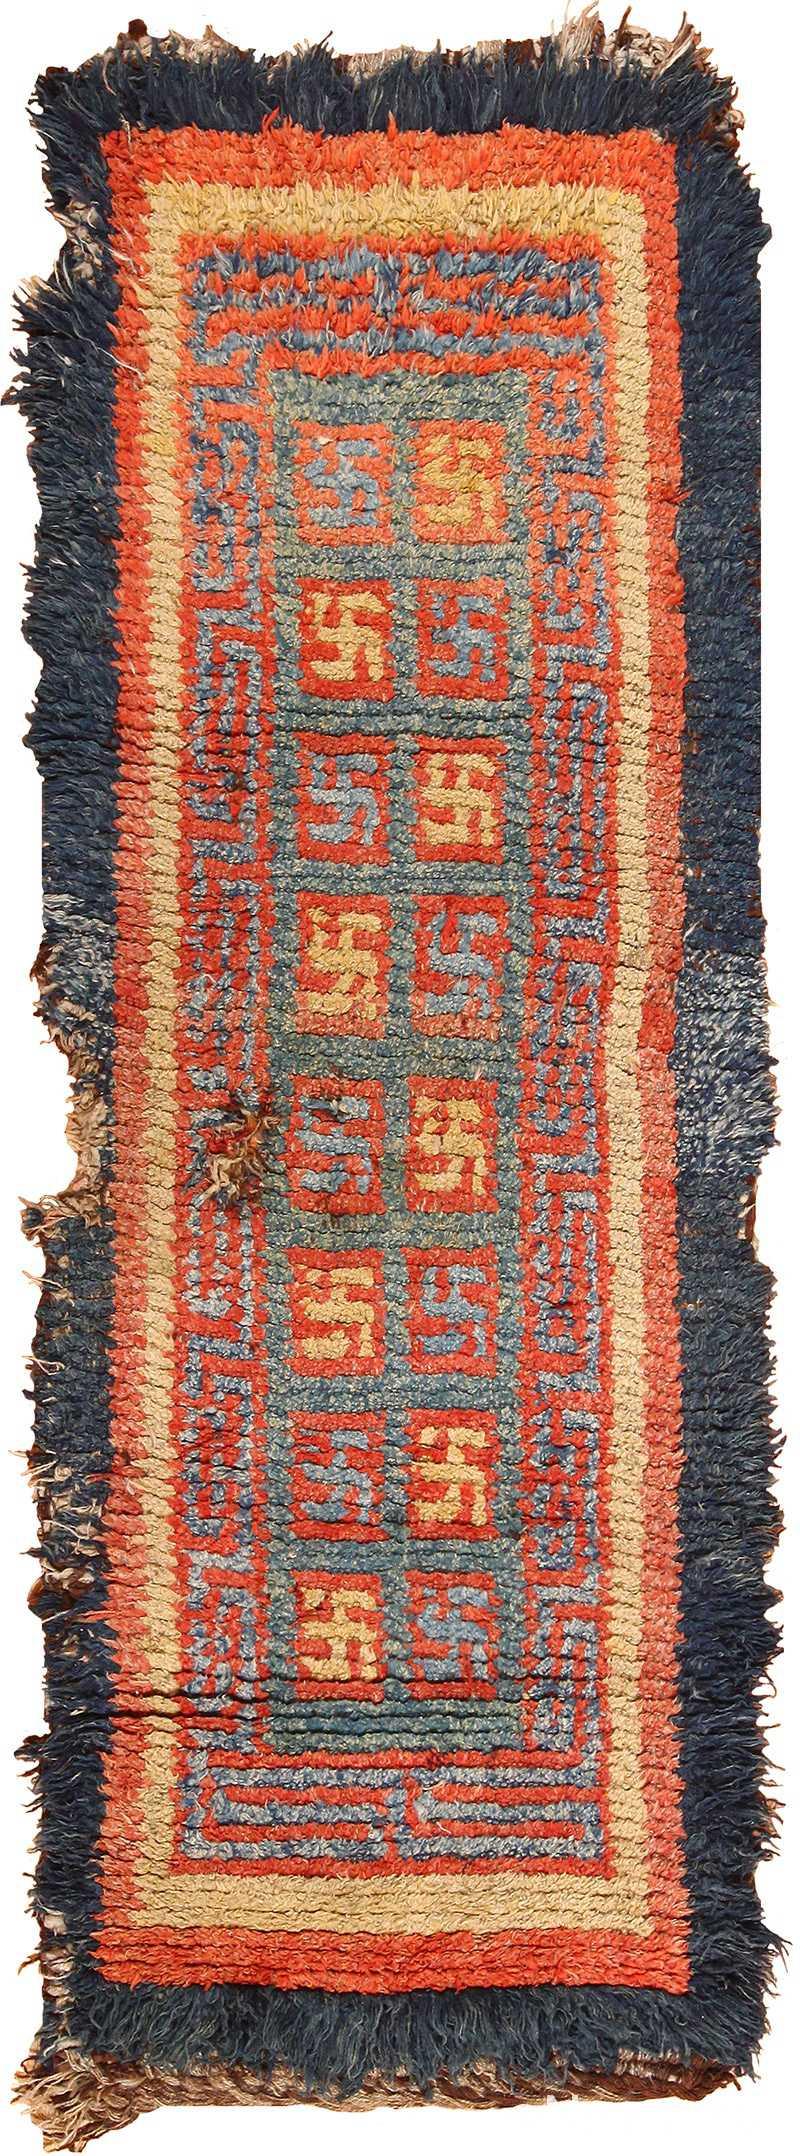 19 century tibetan wongdon runner rug 49101 Nazmiyal